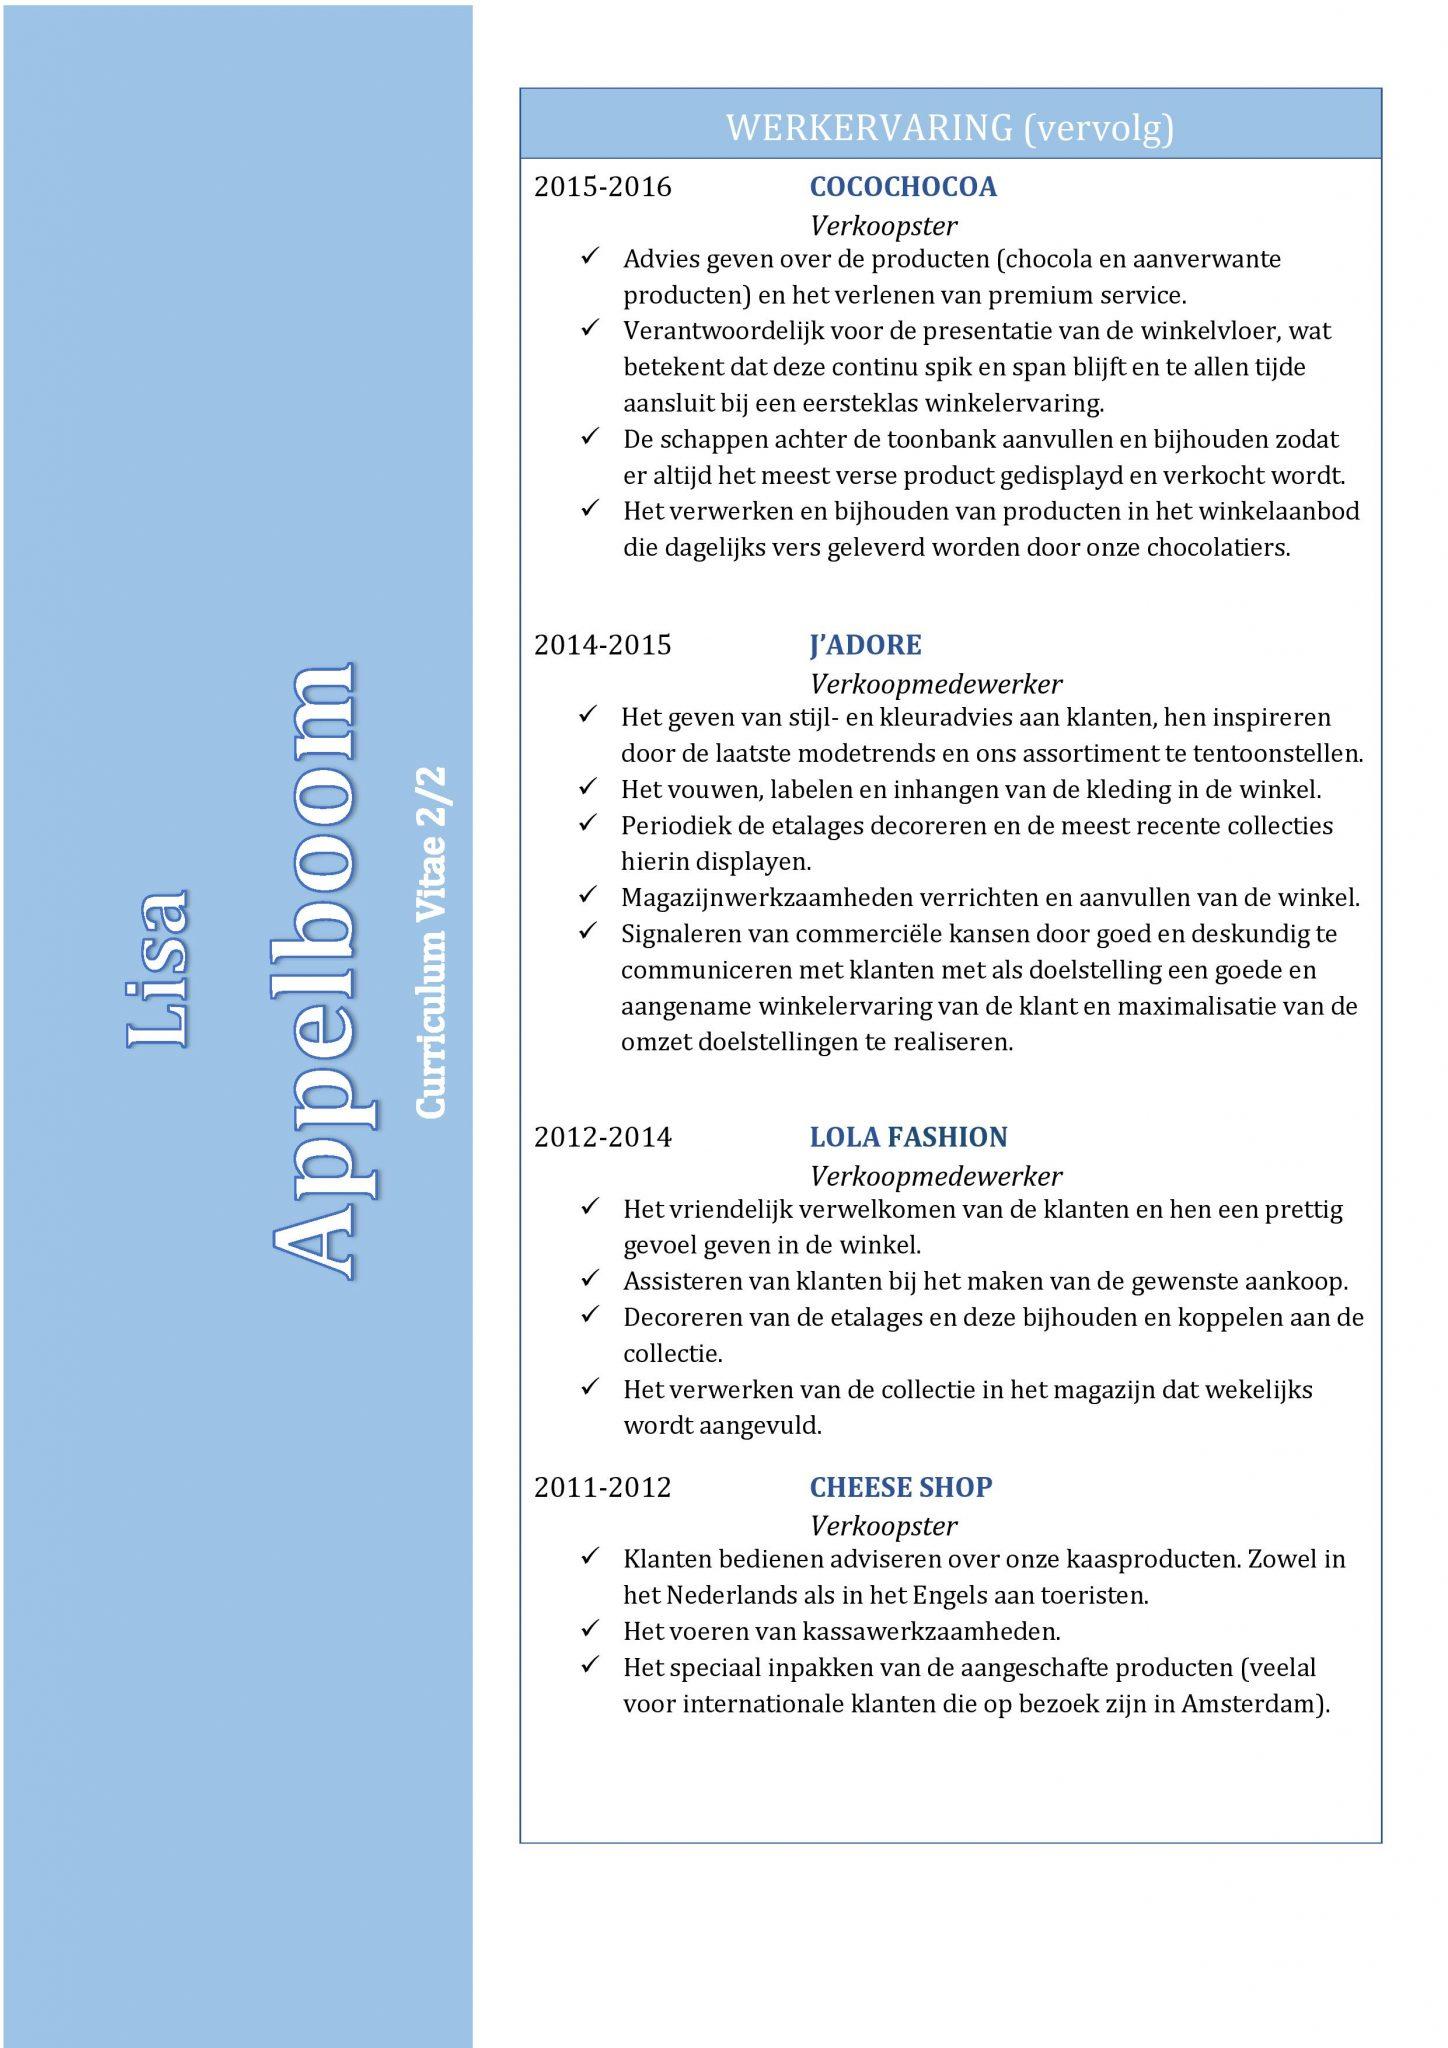 Super Gratis CV Sjabloon Voorbeelden | CV Templates / Sjablonen in Word &LH28